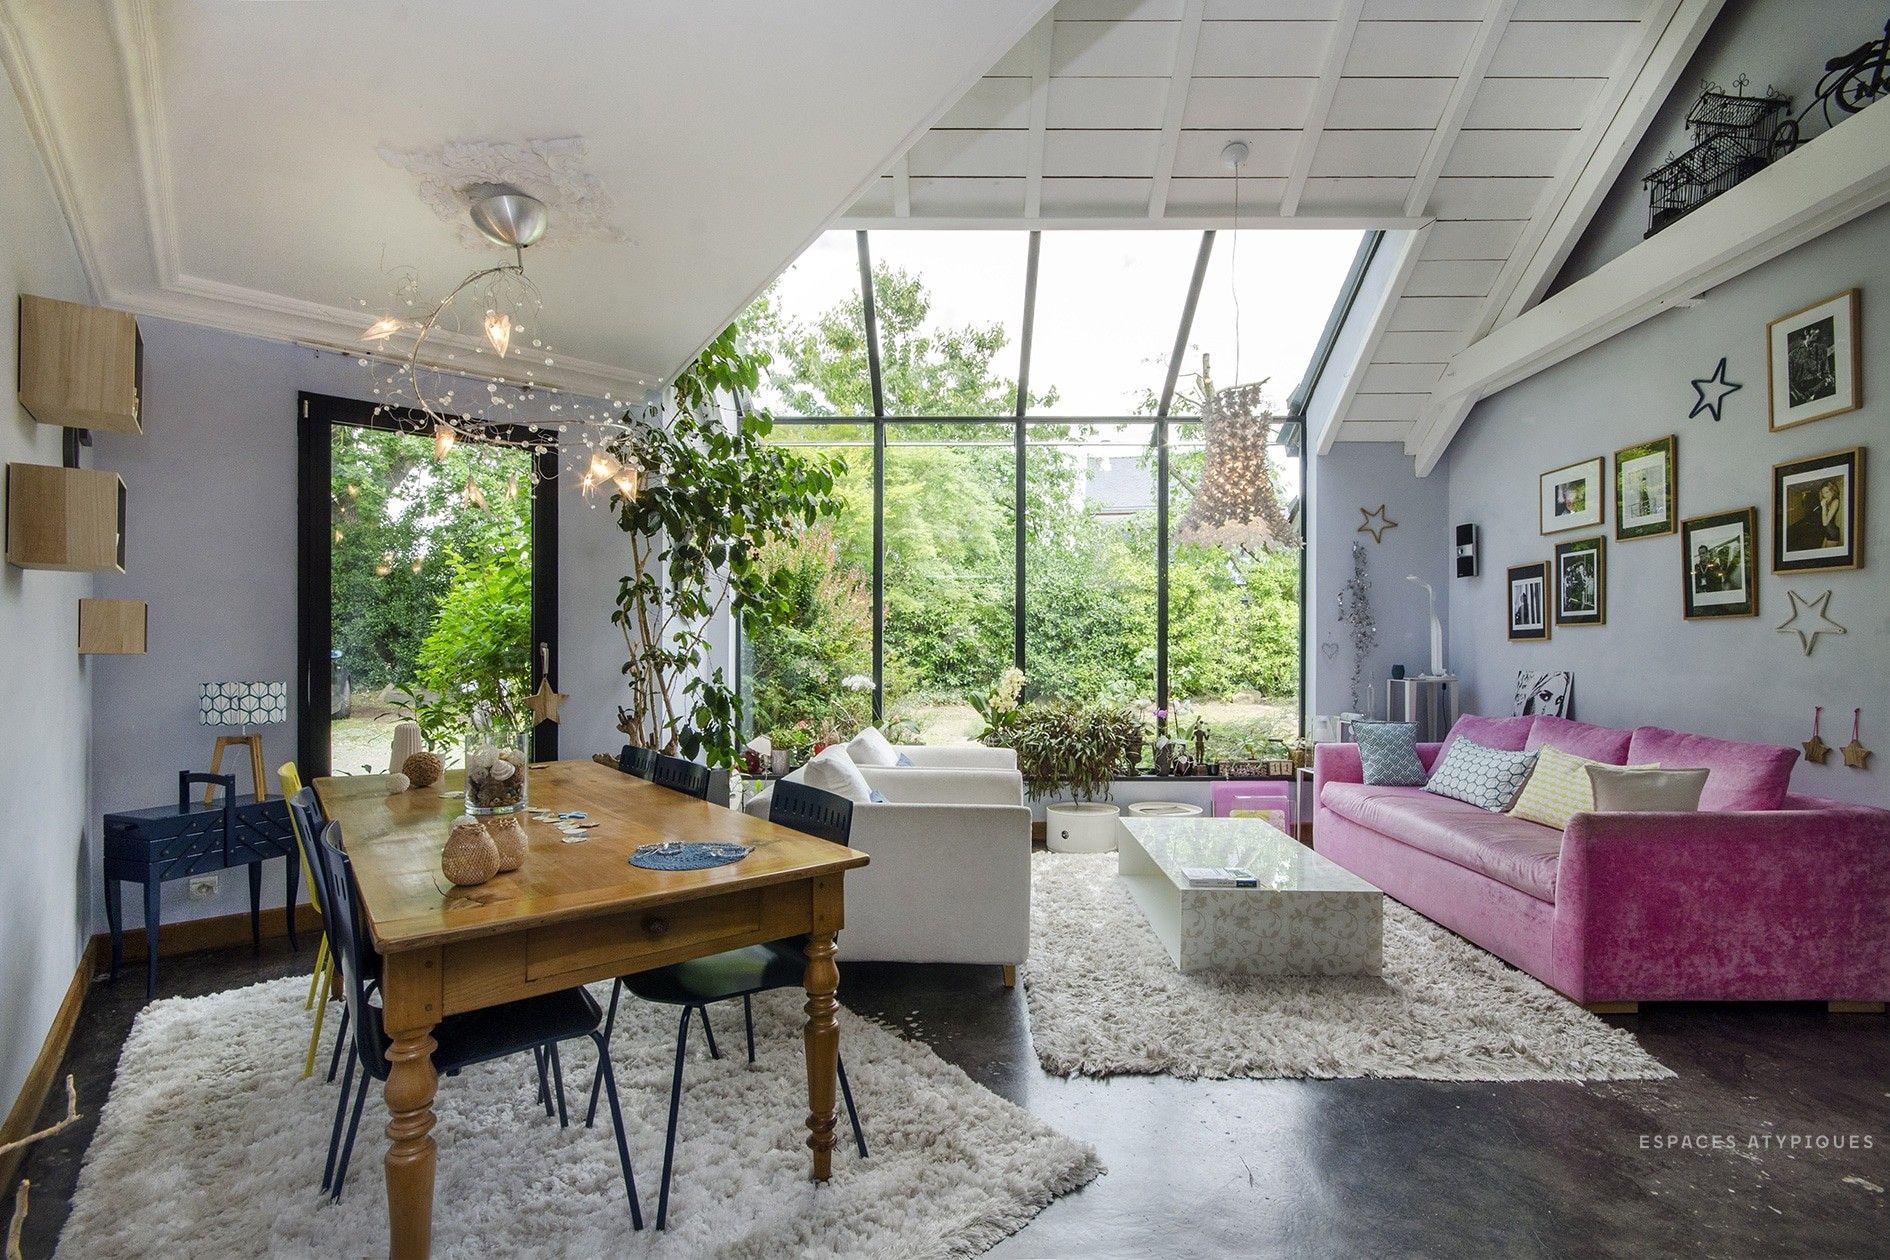 Une maison en red cedar pr s de nantes planete deco a homes world - Salon deco nantes ...